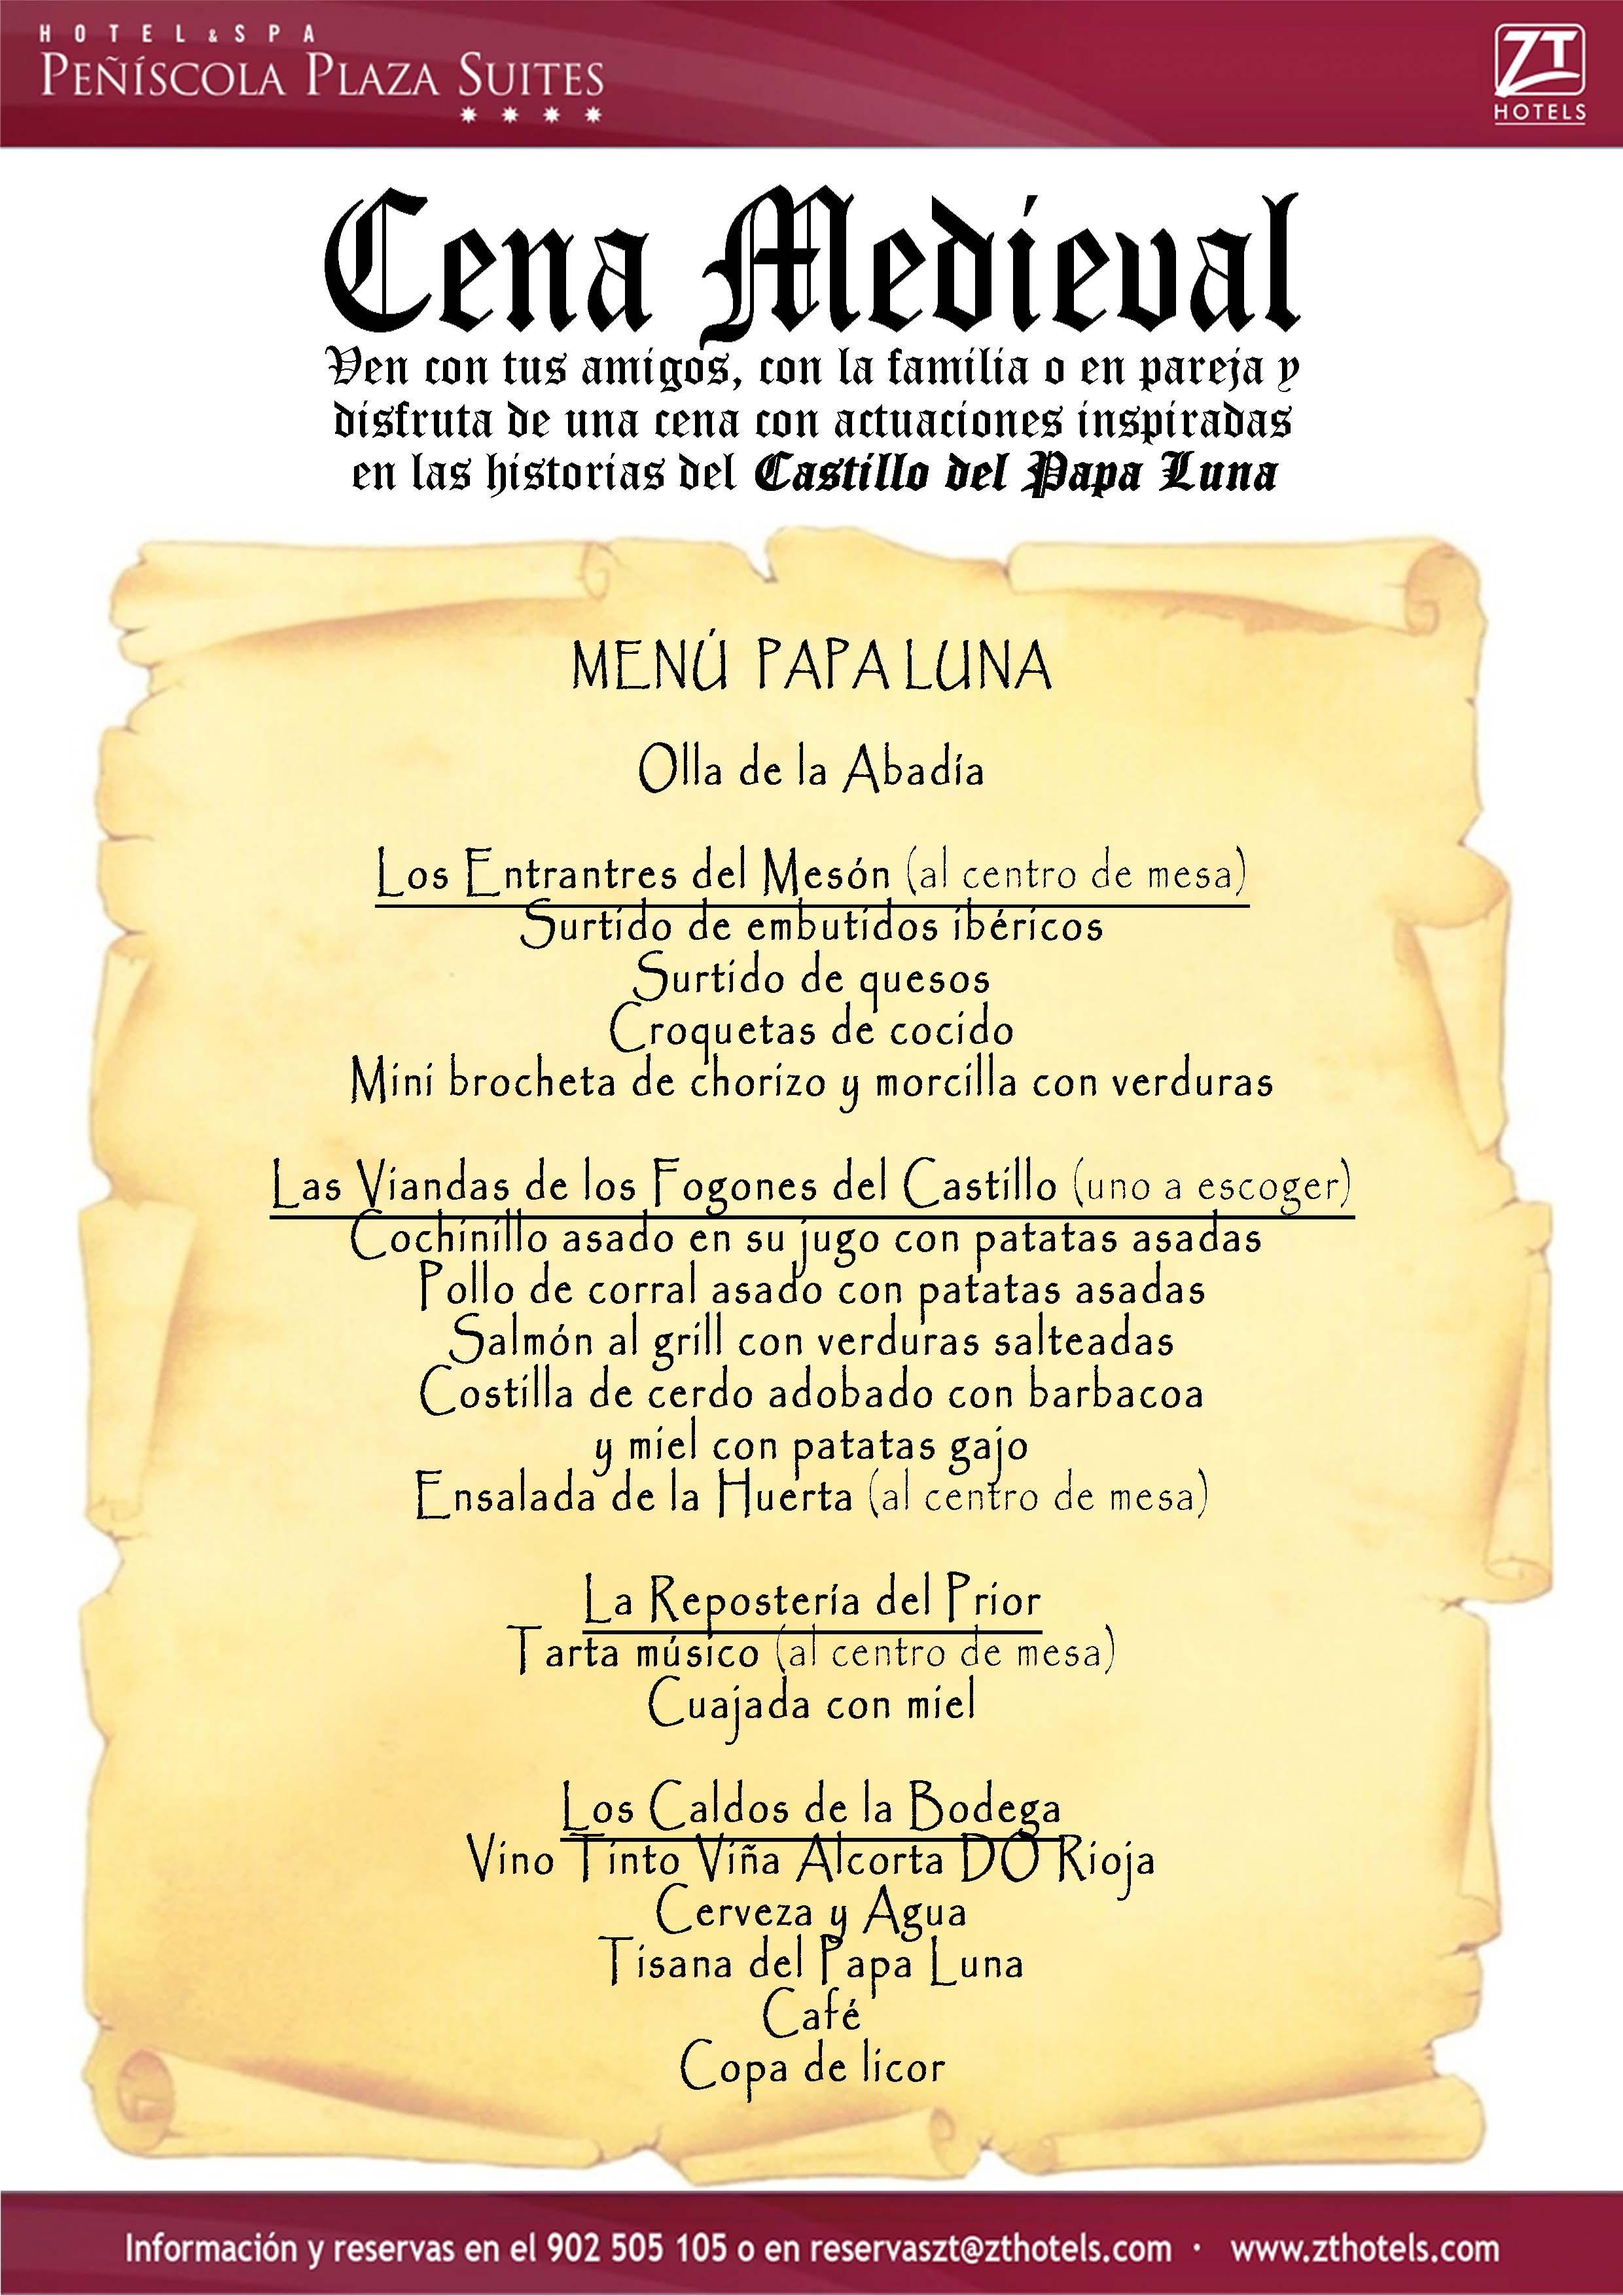 Inauguraci n de las cenas medievales del papa luna blog for Menu de cenas